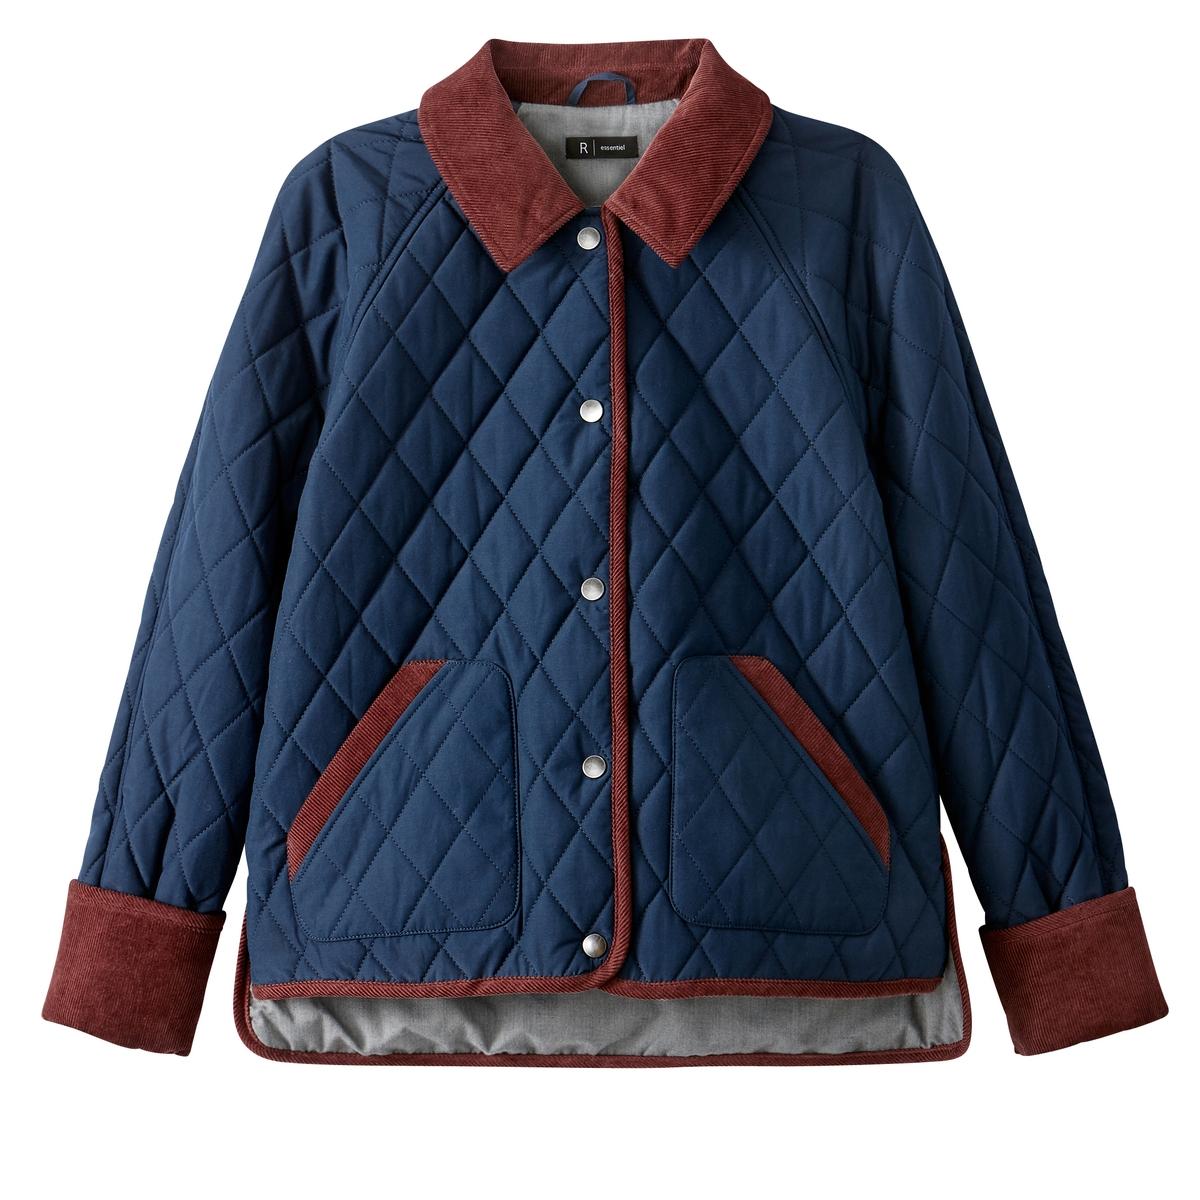 Куртка стеганаяДетали •  Длина  : укороченная  •  Воротник-поло, рубашечный  •  Застежка на кнопки Состав и уход •  55% хлопка, 45% полиэстера  •  Температура стирки 30°   •  Сухая чистка и отбеливание запрещены    •  Не использовать барабанную сушку   •  Не гладить<br><br>Цвет: темно-синий<br>Размер: 38 (FR) - 44 (RUS)